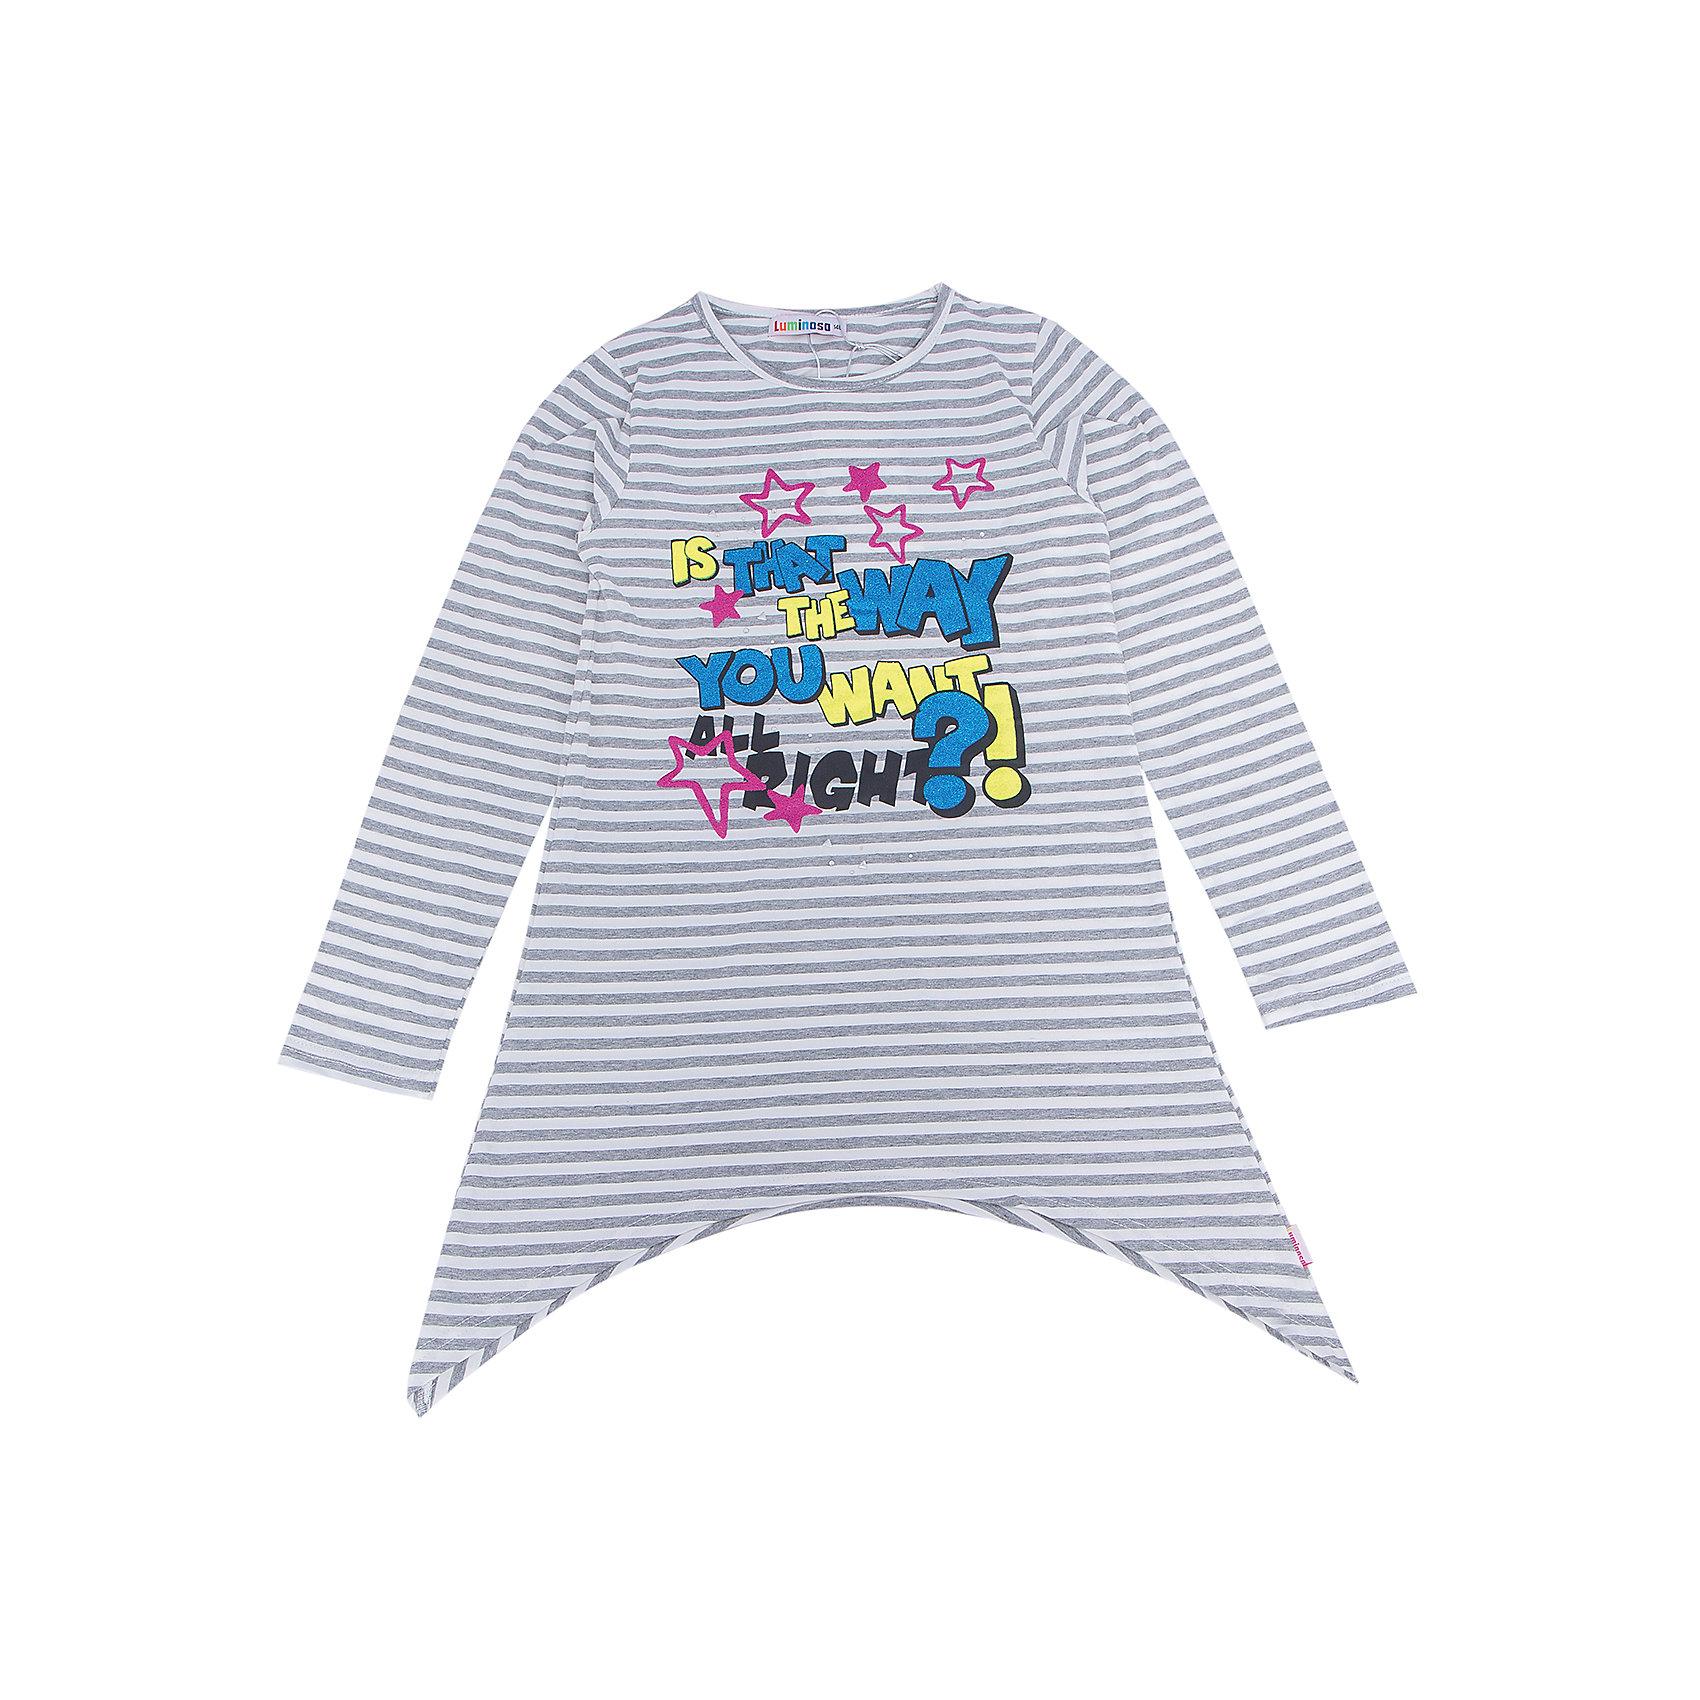 Футболка с длинным рукавом для девочки LuminosoХарактеристики товара:<br><br>- цвет: разноцветный;<br>- материал: 95% хлопок, 5% эластан;<br>- декорирована принтом;<br>- длинный рукав;<br>- оригинальный дизайн;<br>- округлый горловой вырез.<br><br>Стильная одежда от бренда Luminoso (Люминосо), созданная при участии итальянских дизайнеров, учитывает потребности подростков и последние веяния моды. Она удобная и модная.<br>Эта футболка с длинным рукавом выглядит стильно и нарядно, но при этом подходит для ежедневного ношения. Он хорошо сидит на ребенке, обеспечивает комфорт и отлично сочетается с одежной разных стилей. Модель отличается высоким качеством материала и продуманным дизайном. Натуральный хлопок в составе изделия делает его дышащим, приятным на ощупь и гипоаллергеным.<br><br>Футболку с длинным рукавом для девочки от бренда Luminoso (Люминосо) можно купить в нашем интернет-магазине.<br><br>Ширина мм: 230<br>Глубина мм: 40<br>Высота мм: 220<br>Вес г: 250<br>Цвет: серый<br>Возраст от месяцев: 108<br>Возраст до месяцев: 120<br>Пол: Женский<br>Возраст: Детский<br>Размер: 140,134,164,158,152,146<br>SKU: 4929703